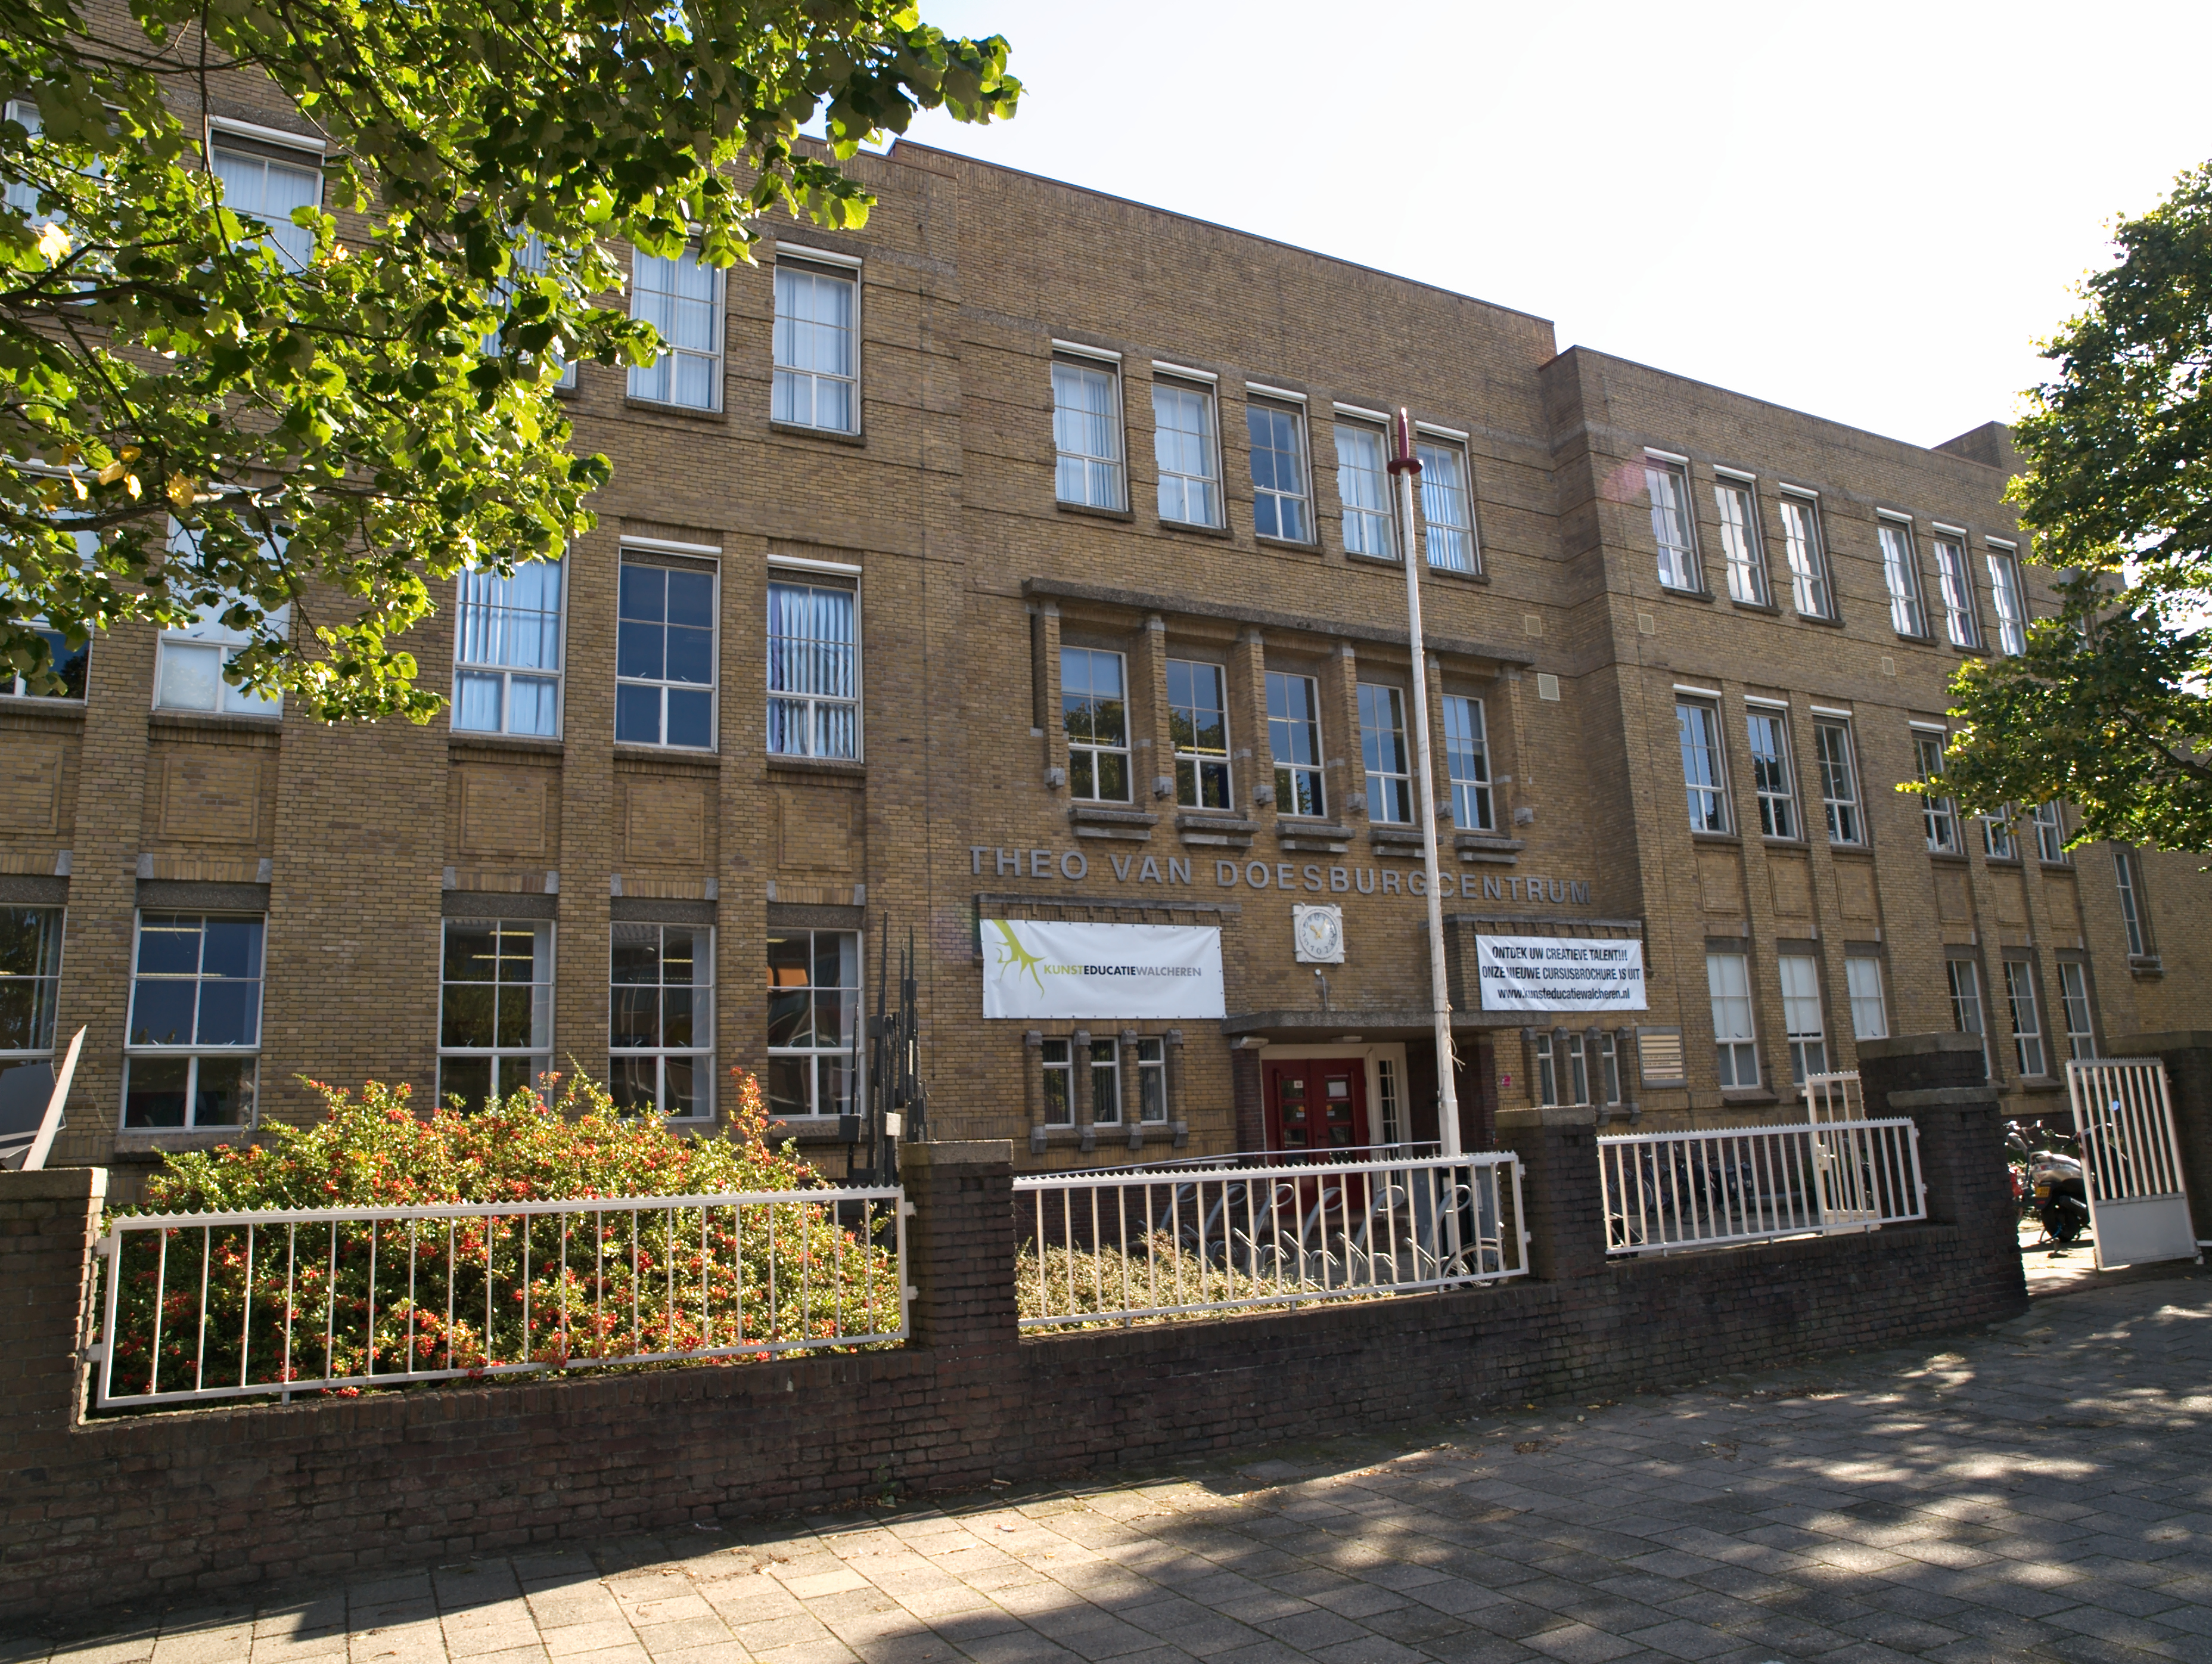 Rijks hogere burgerschool het schoolgebouw is uitgevoerd in een kubistisch expressionistische - Expressionistische architectuur ...